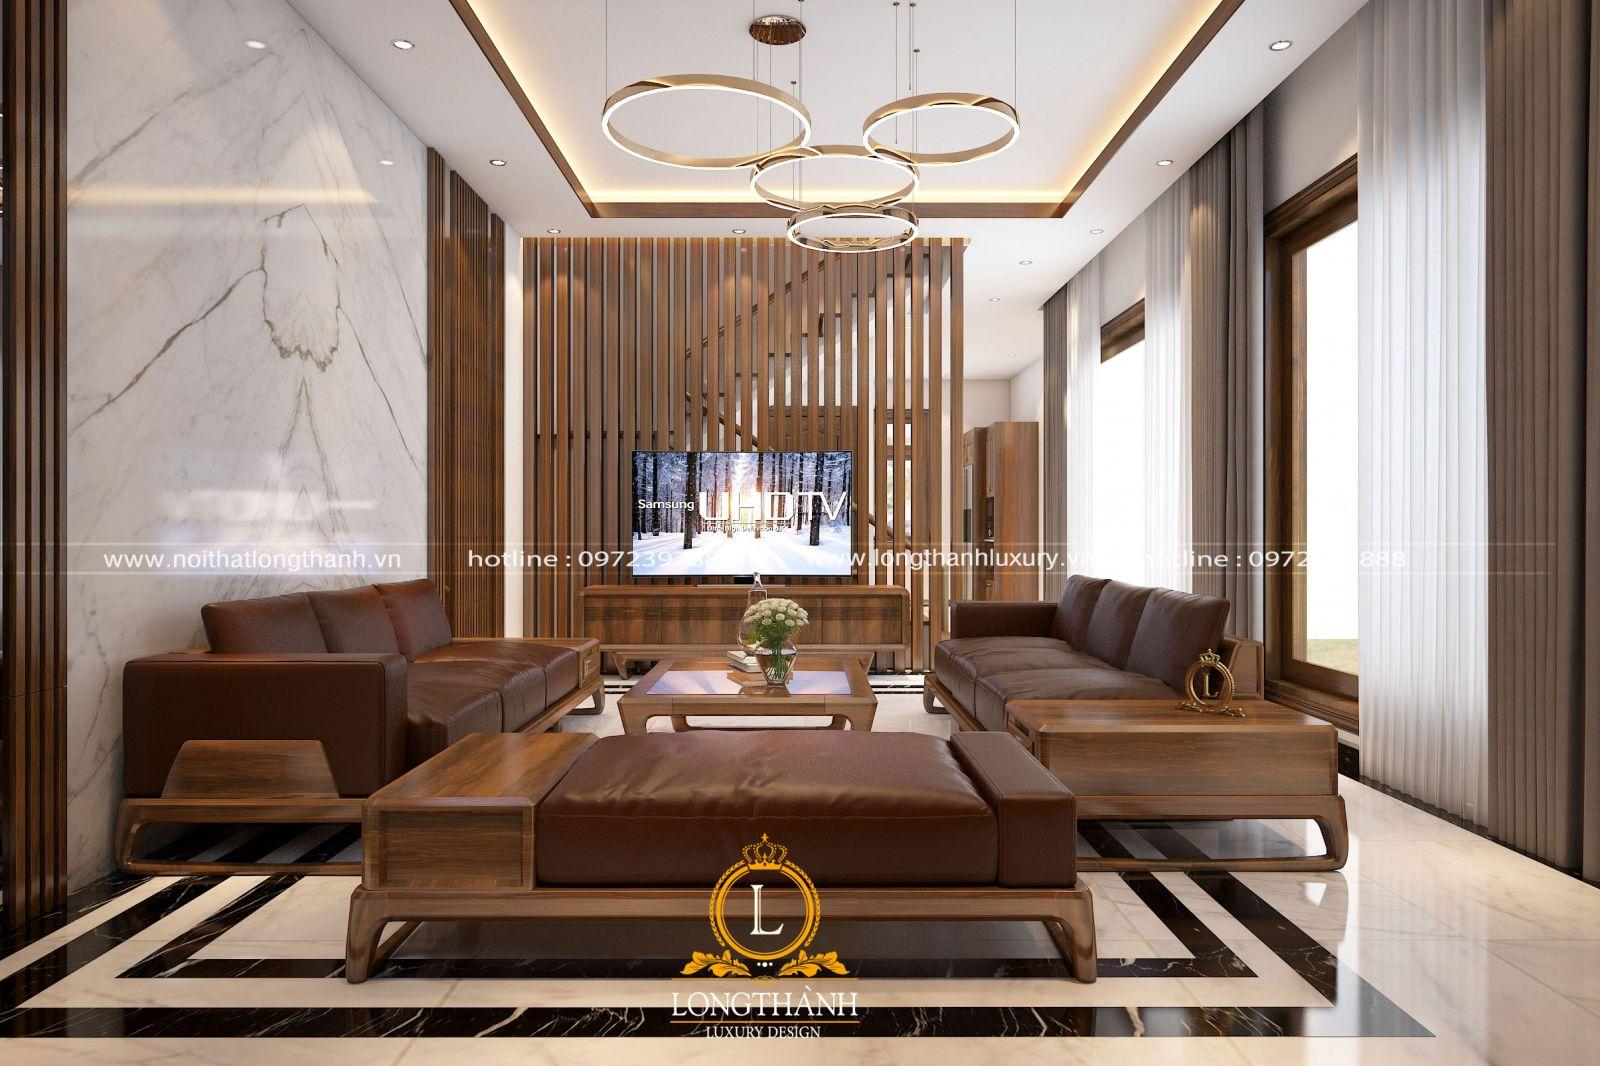 Phòng khách chung cư tân cổ điển theo hướng hiện đại